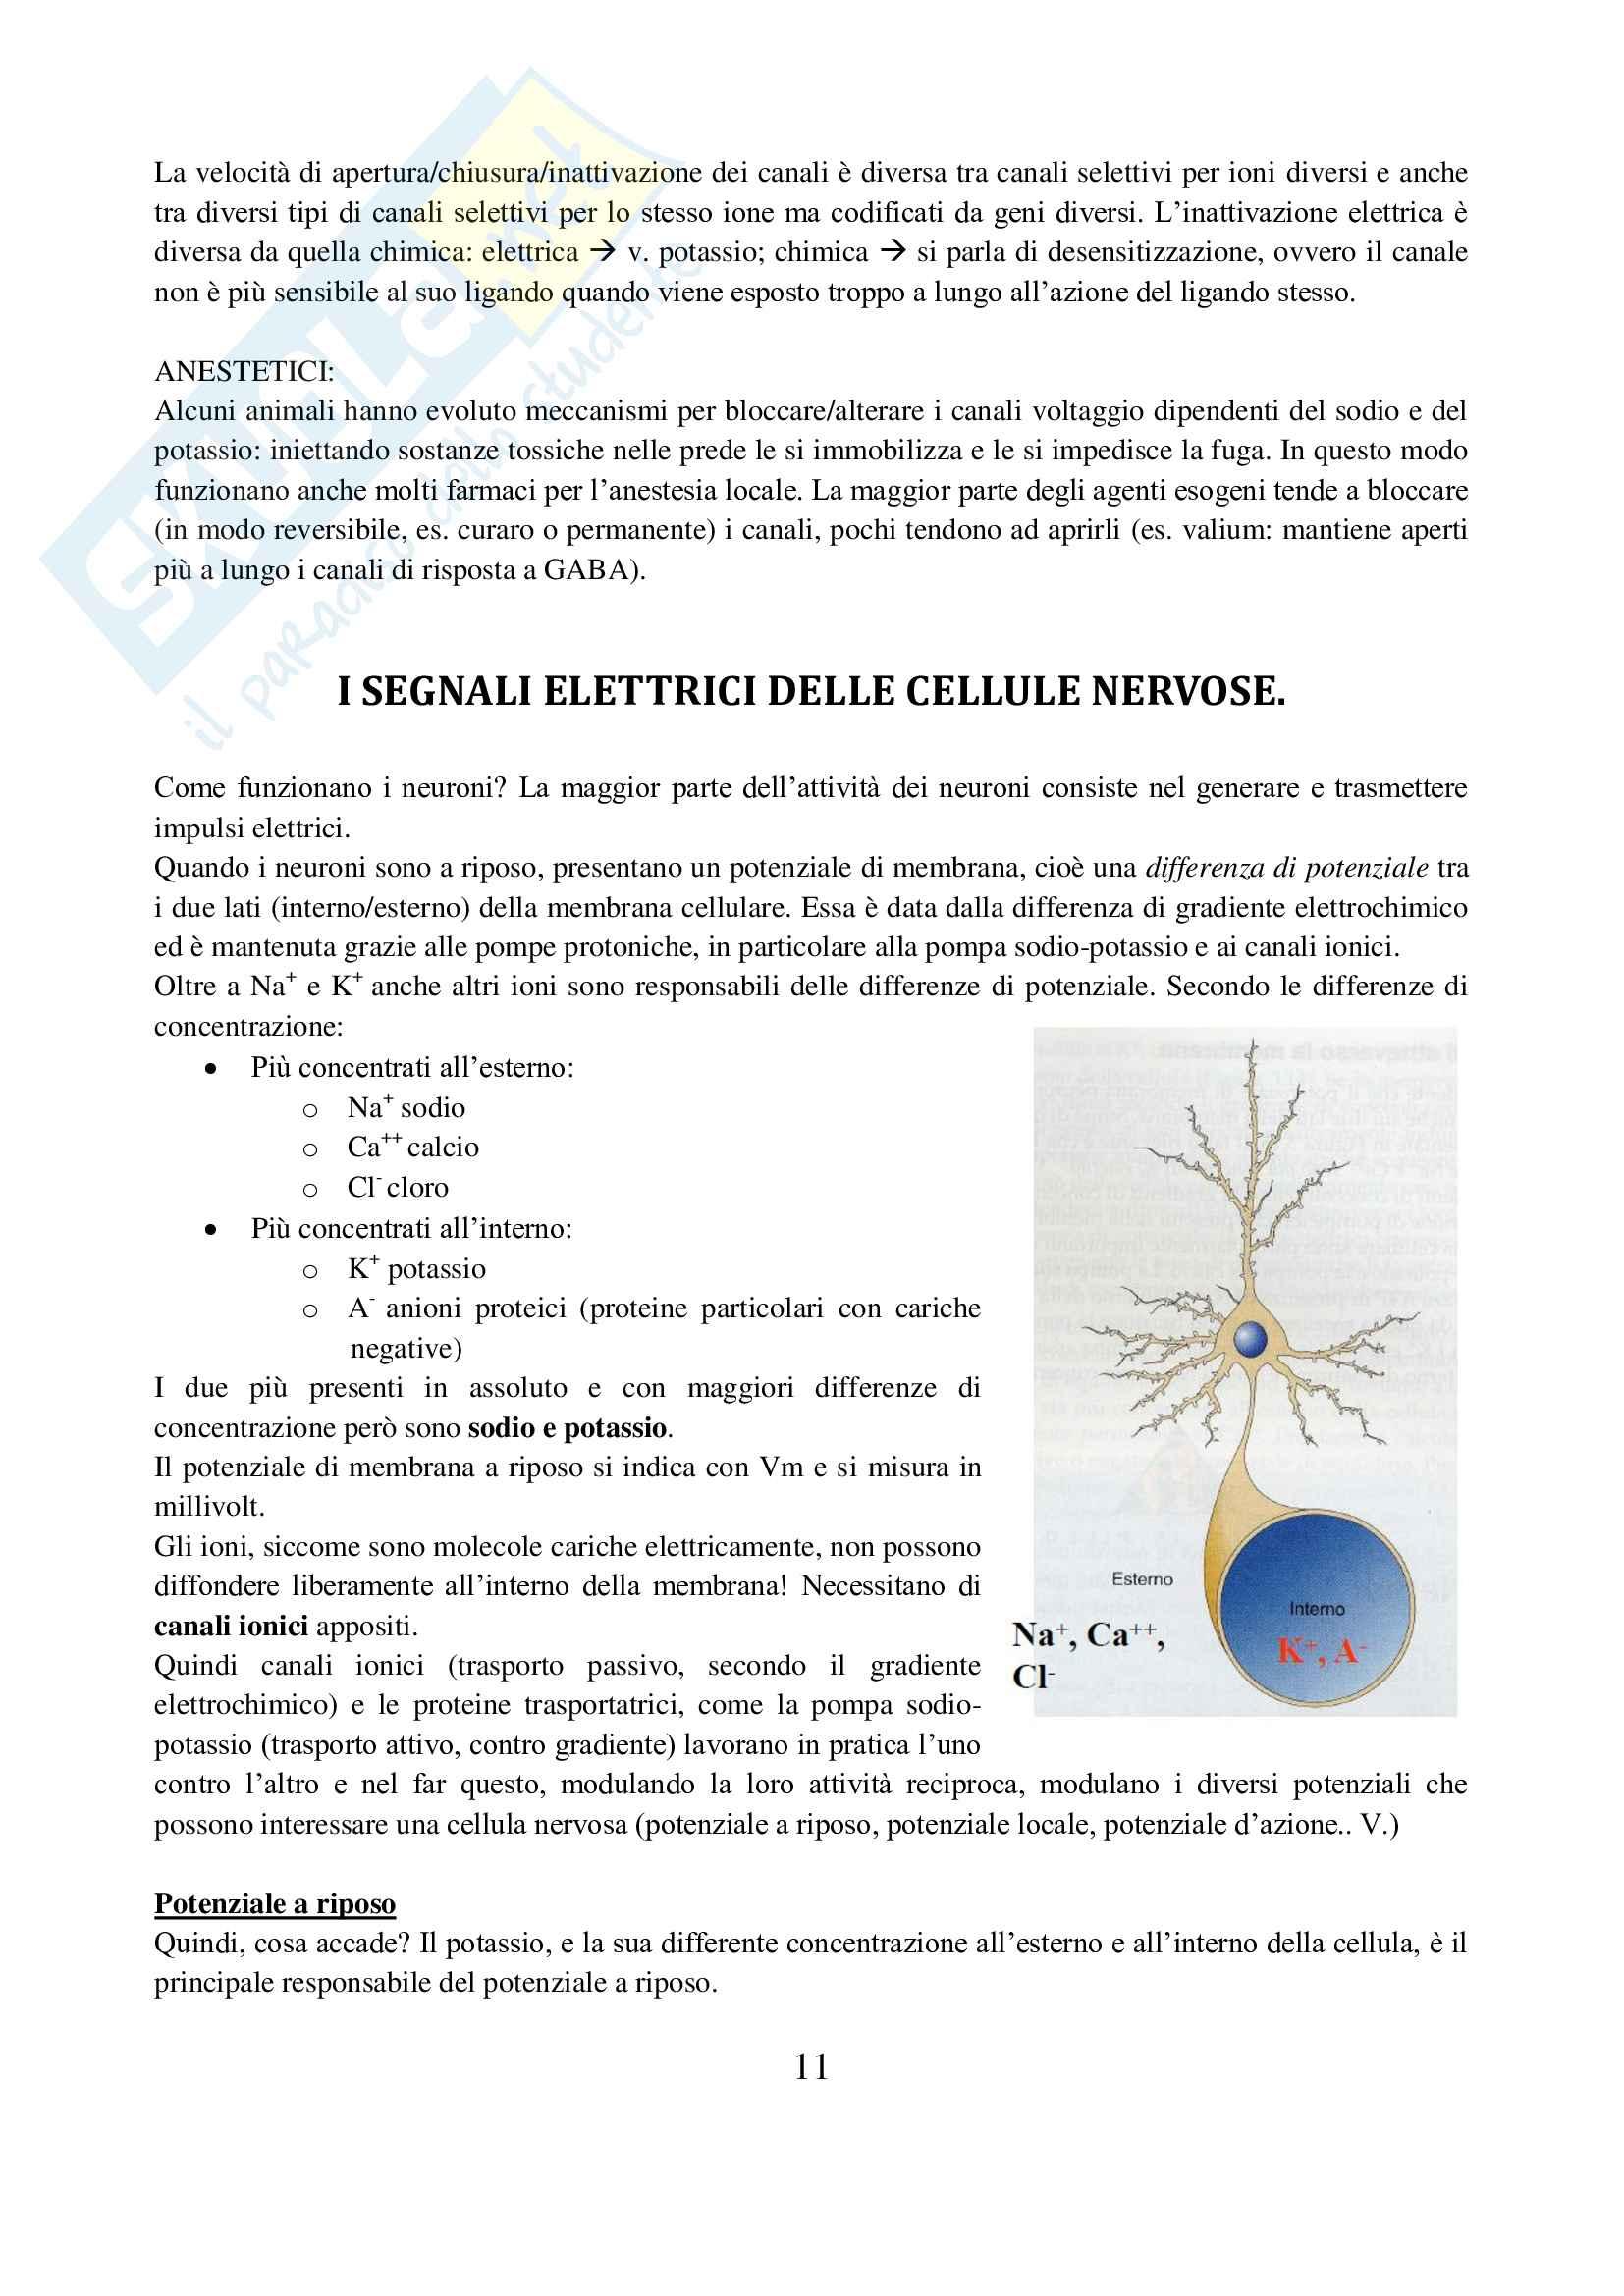 Appunti completi Neuroscienze, prof Sacchetti Pag. 11